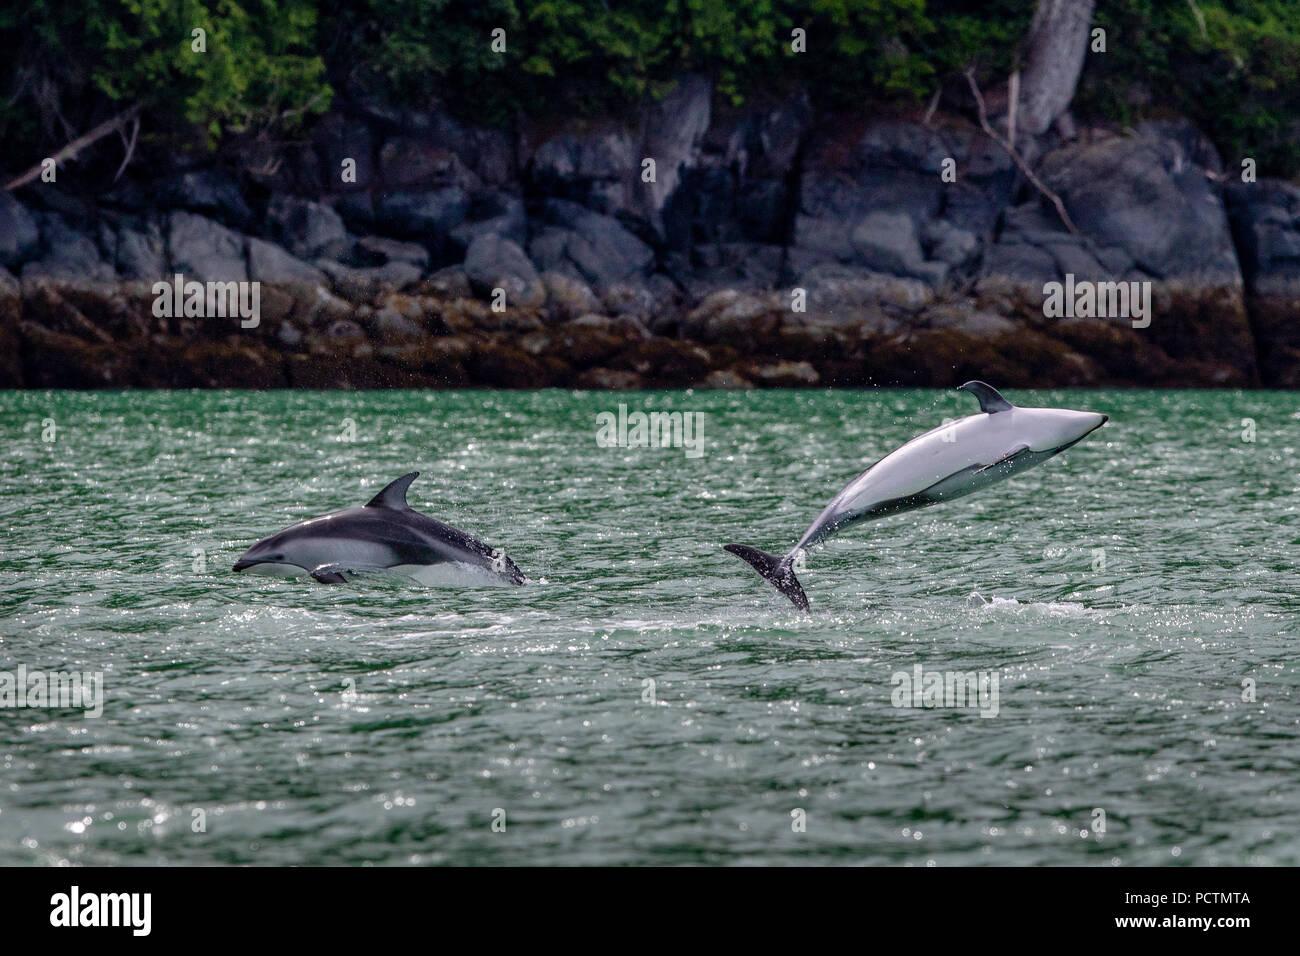 2 dauphins à flancs blancs du Pacifique à proximité de la côte de l'Inlet Knight, le territoire des Premières Nations, de la Colombie-Britannique, Canada. Banque D'Images